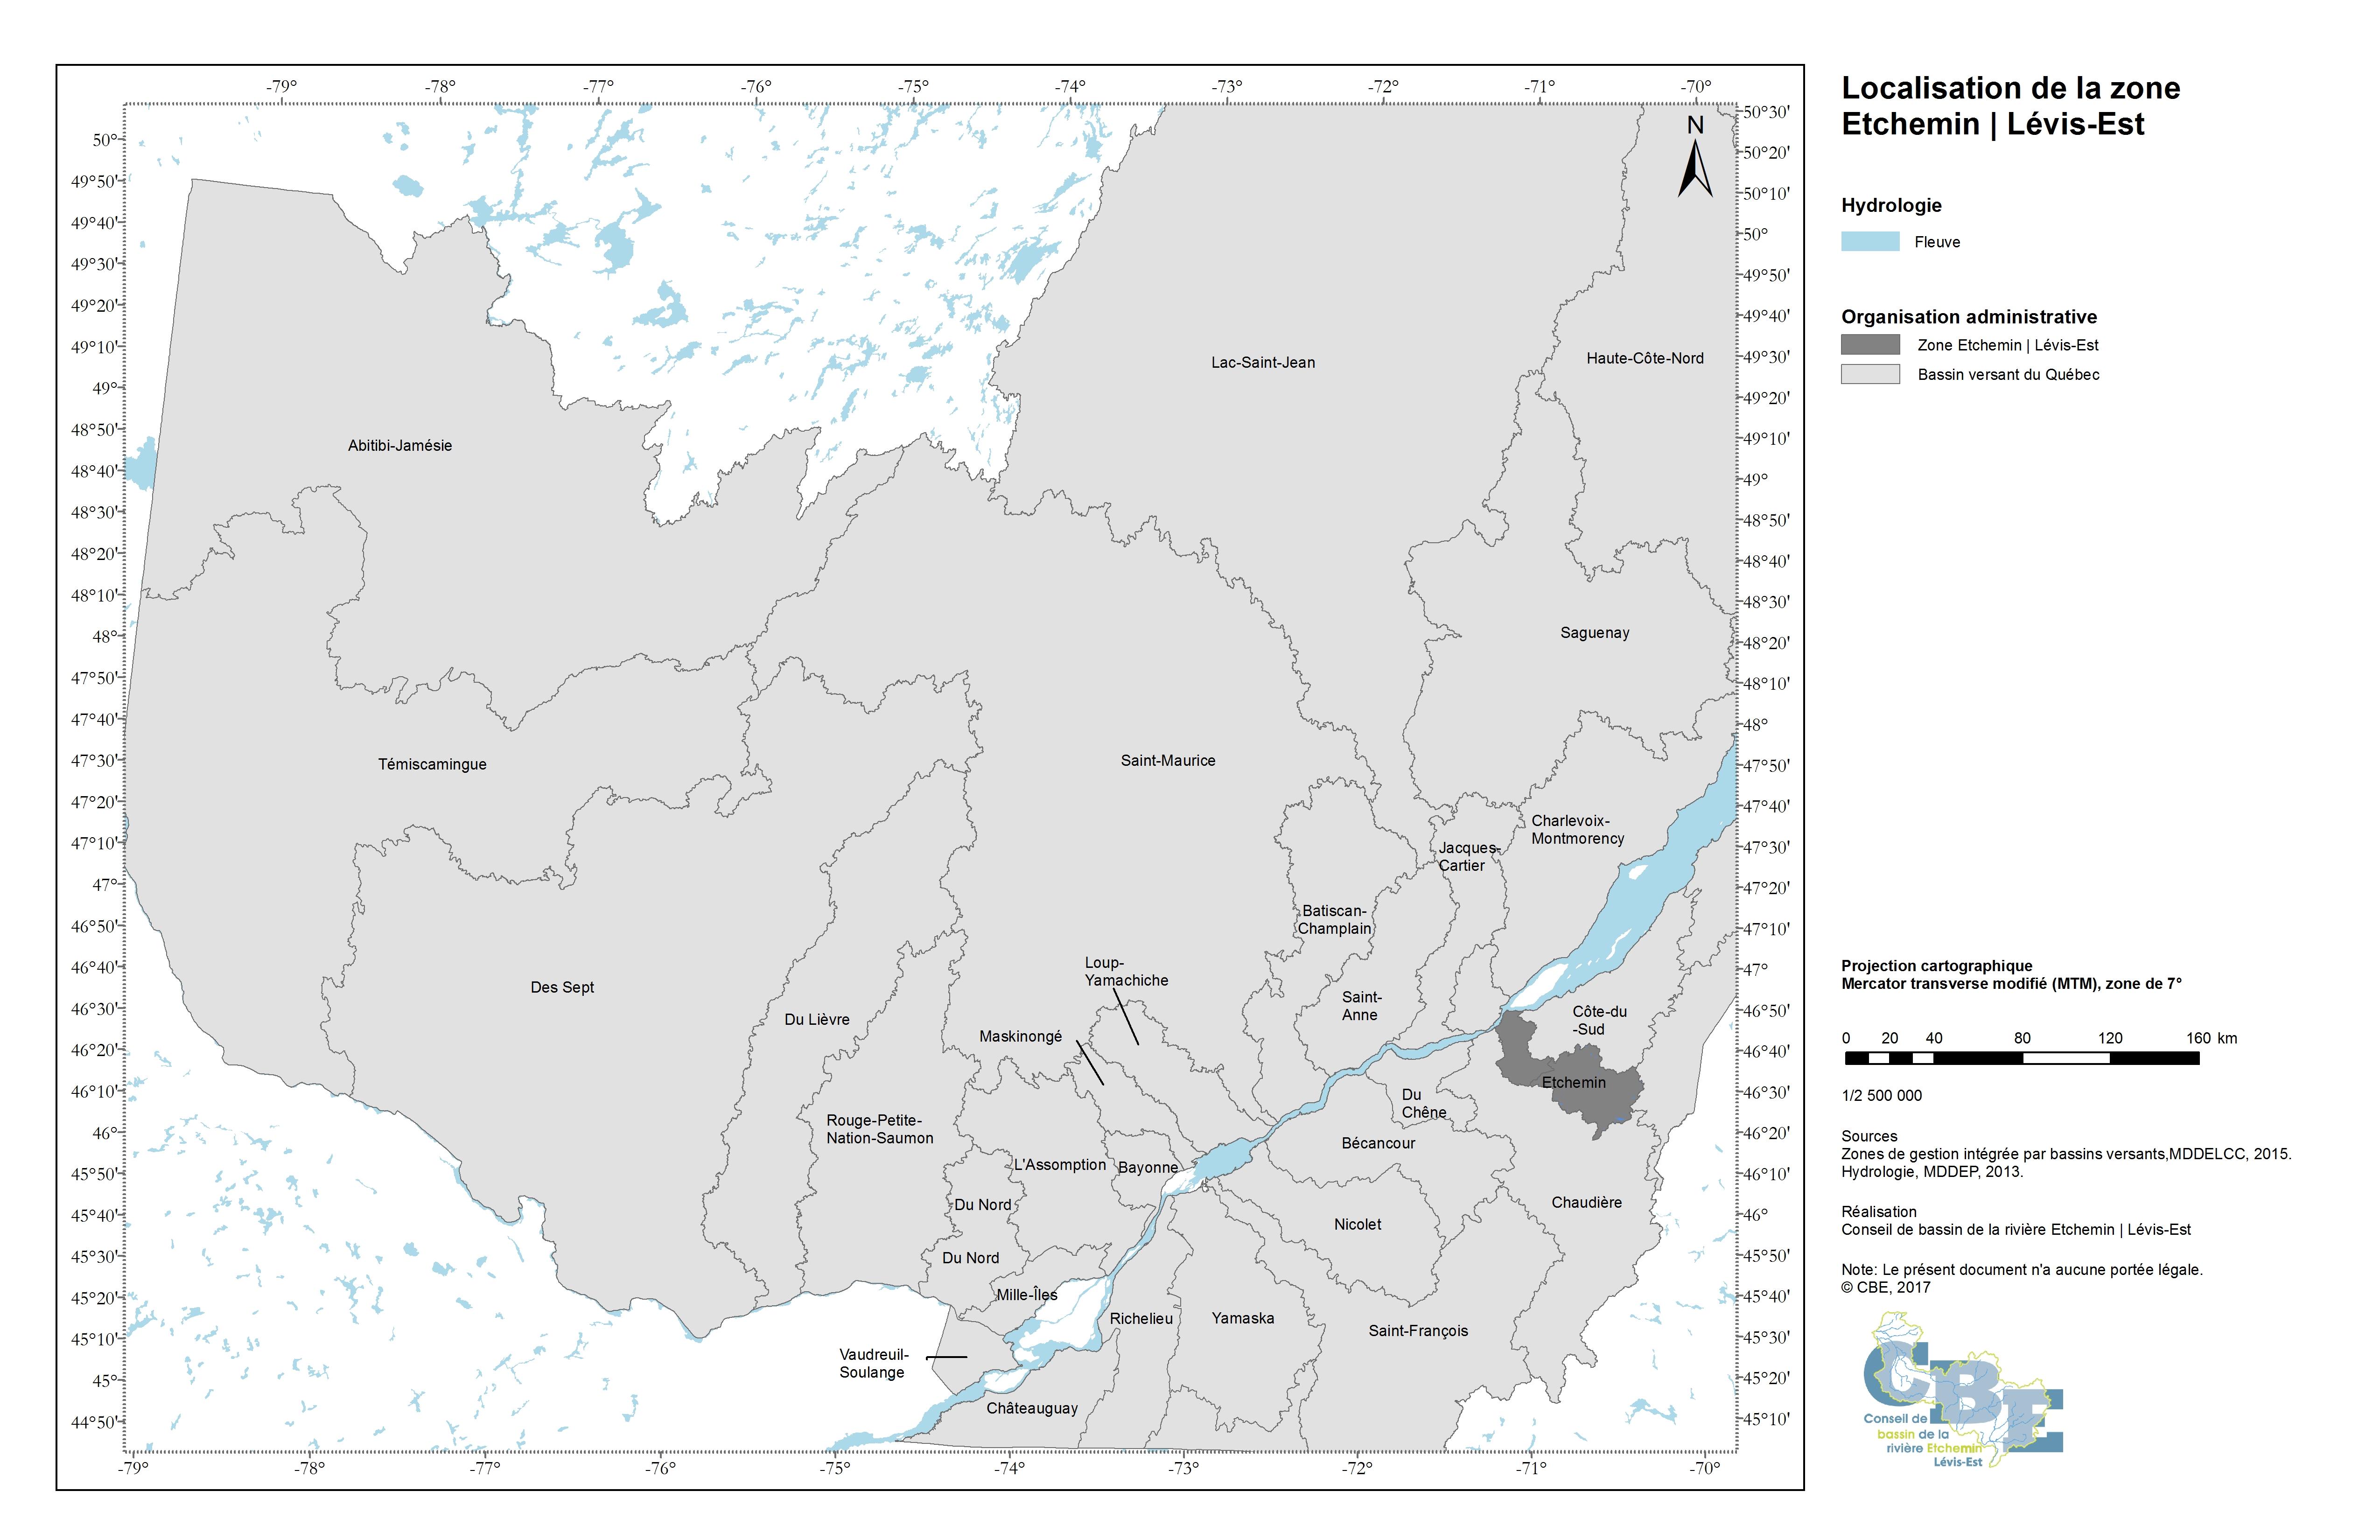 Localisation de la zone Etchemin | Lévis-Est